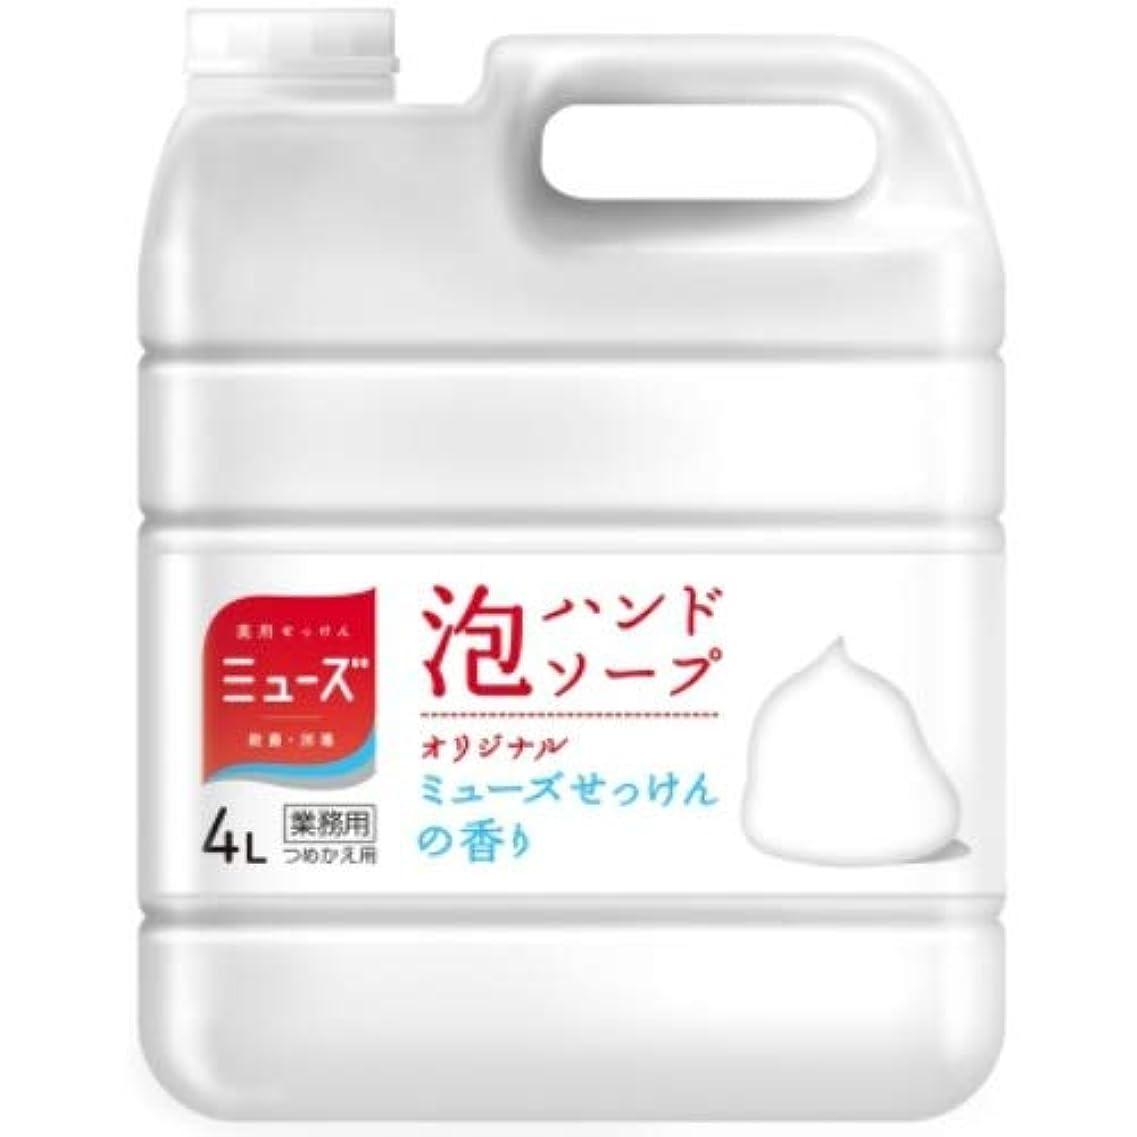 深く標高下【医薬部外品】泡ミューズ オリジナル 4L